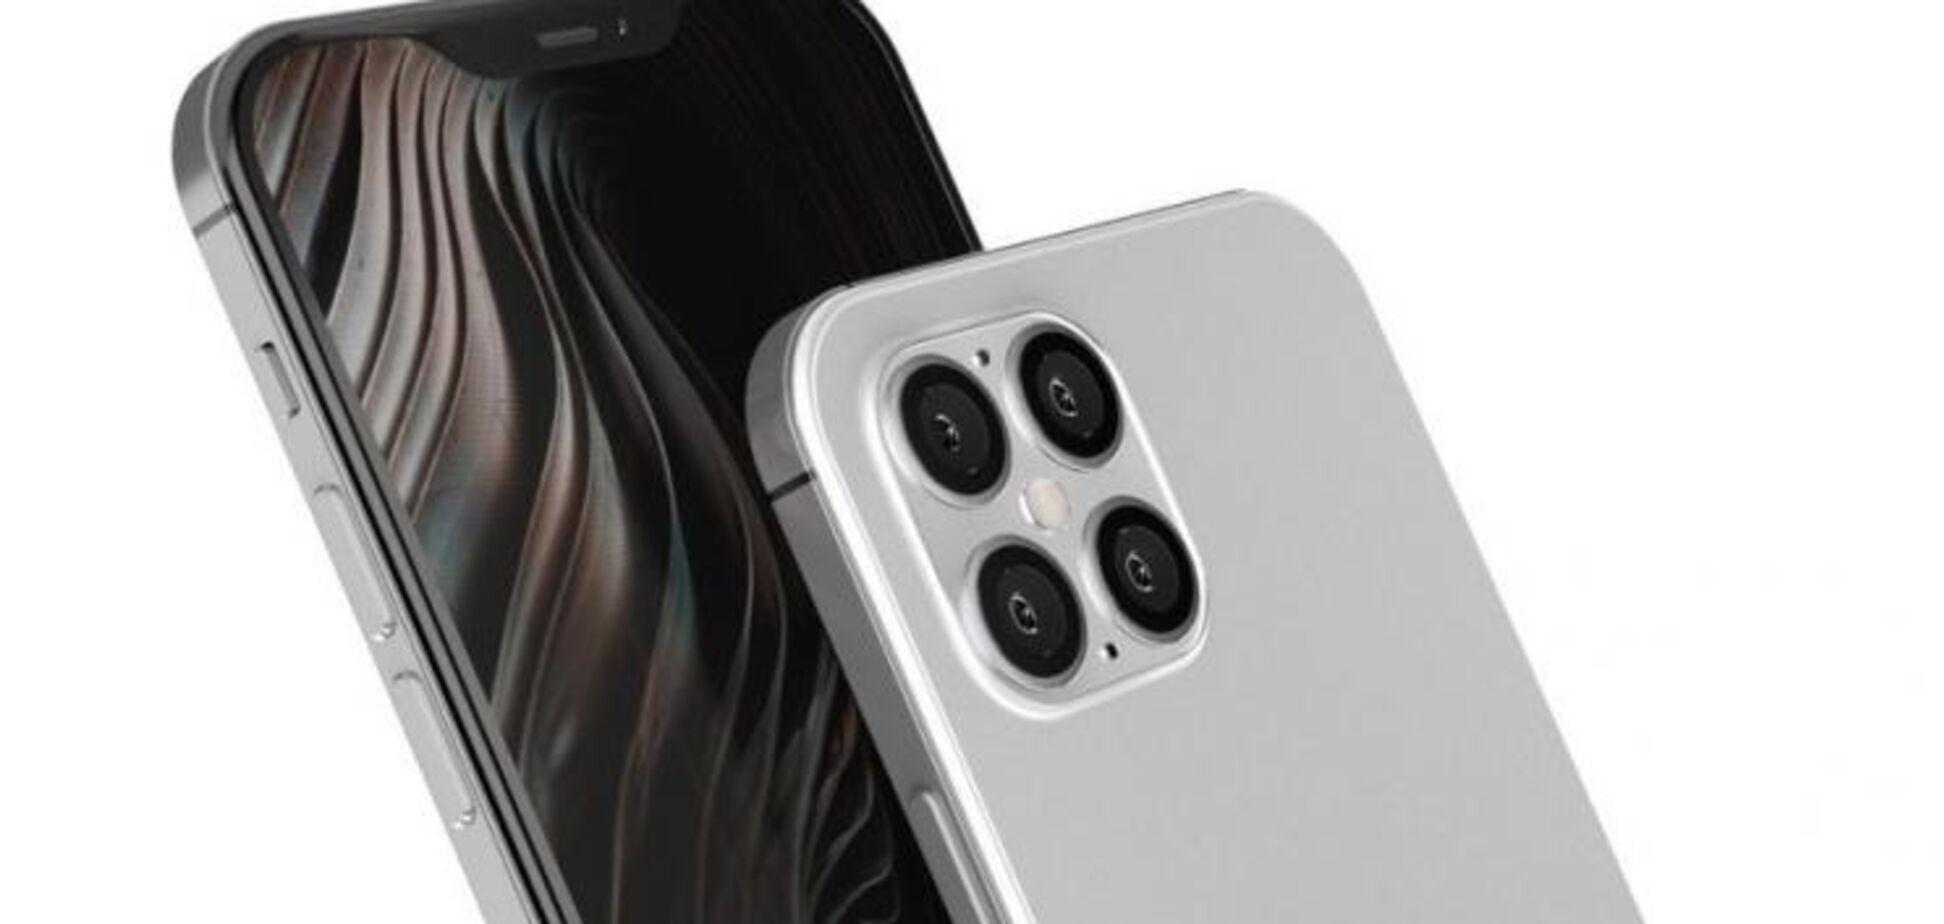 Революційні новинки від компанії Apple: iPhone 12 і iPhone 12 Pro